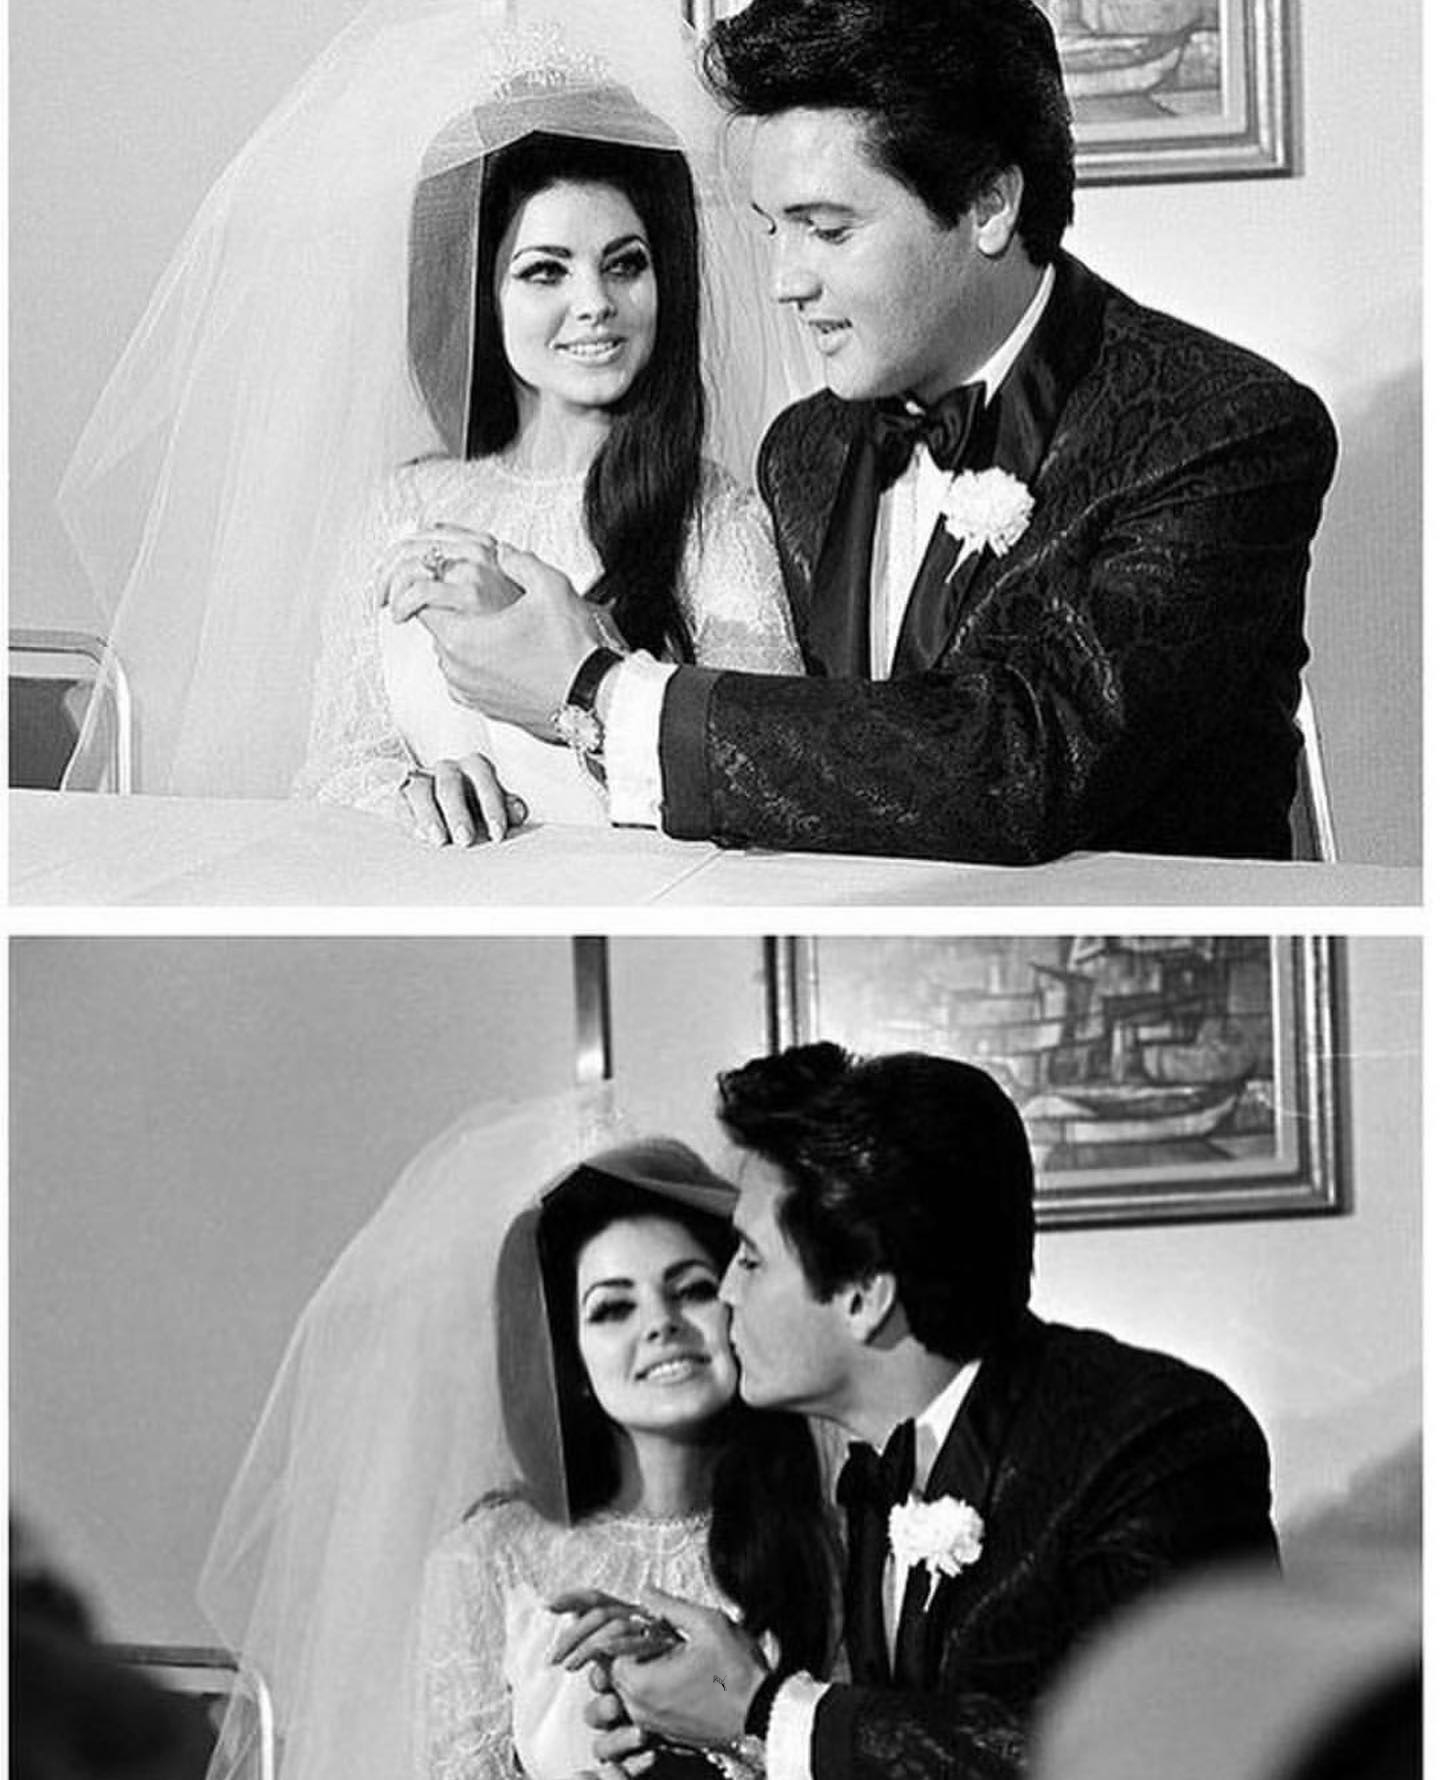 Elvis Presley S Wedding Day Gana Dinero En Internet En Andigarcia Com Celebrities Fotosantiguasdeespana Actoresdominicanos Famousamos Teamactor En 2020